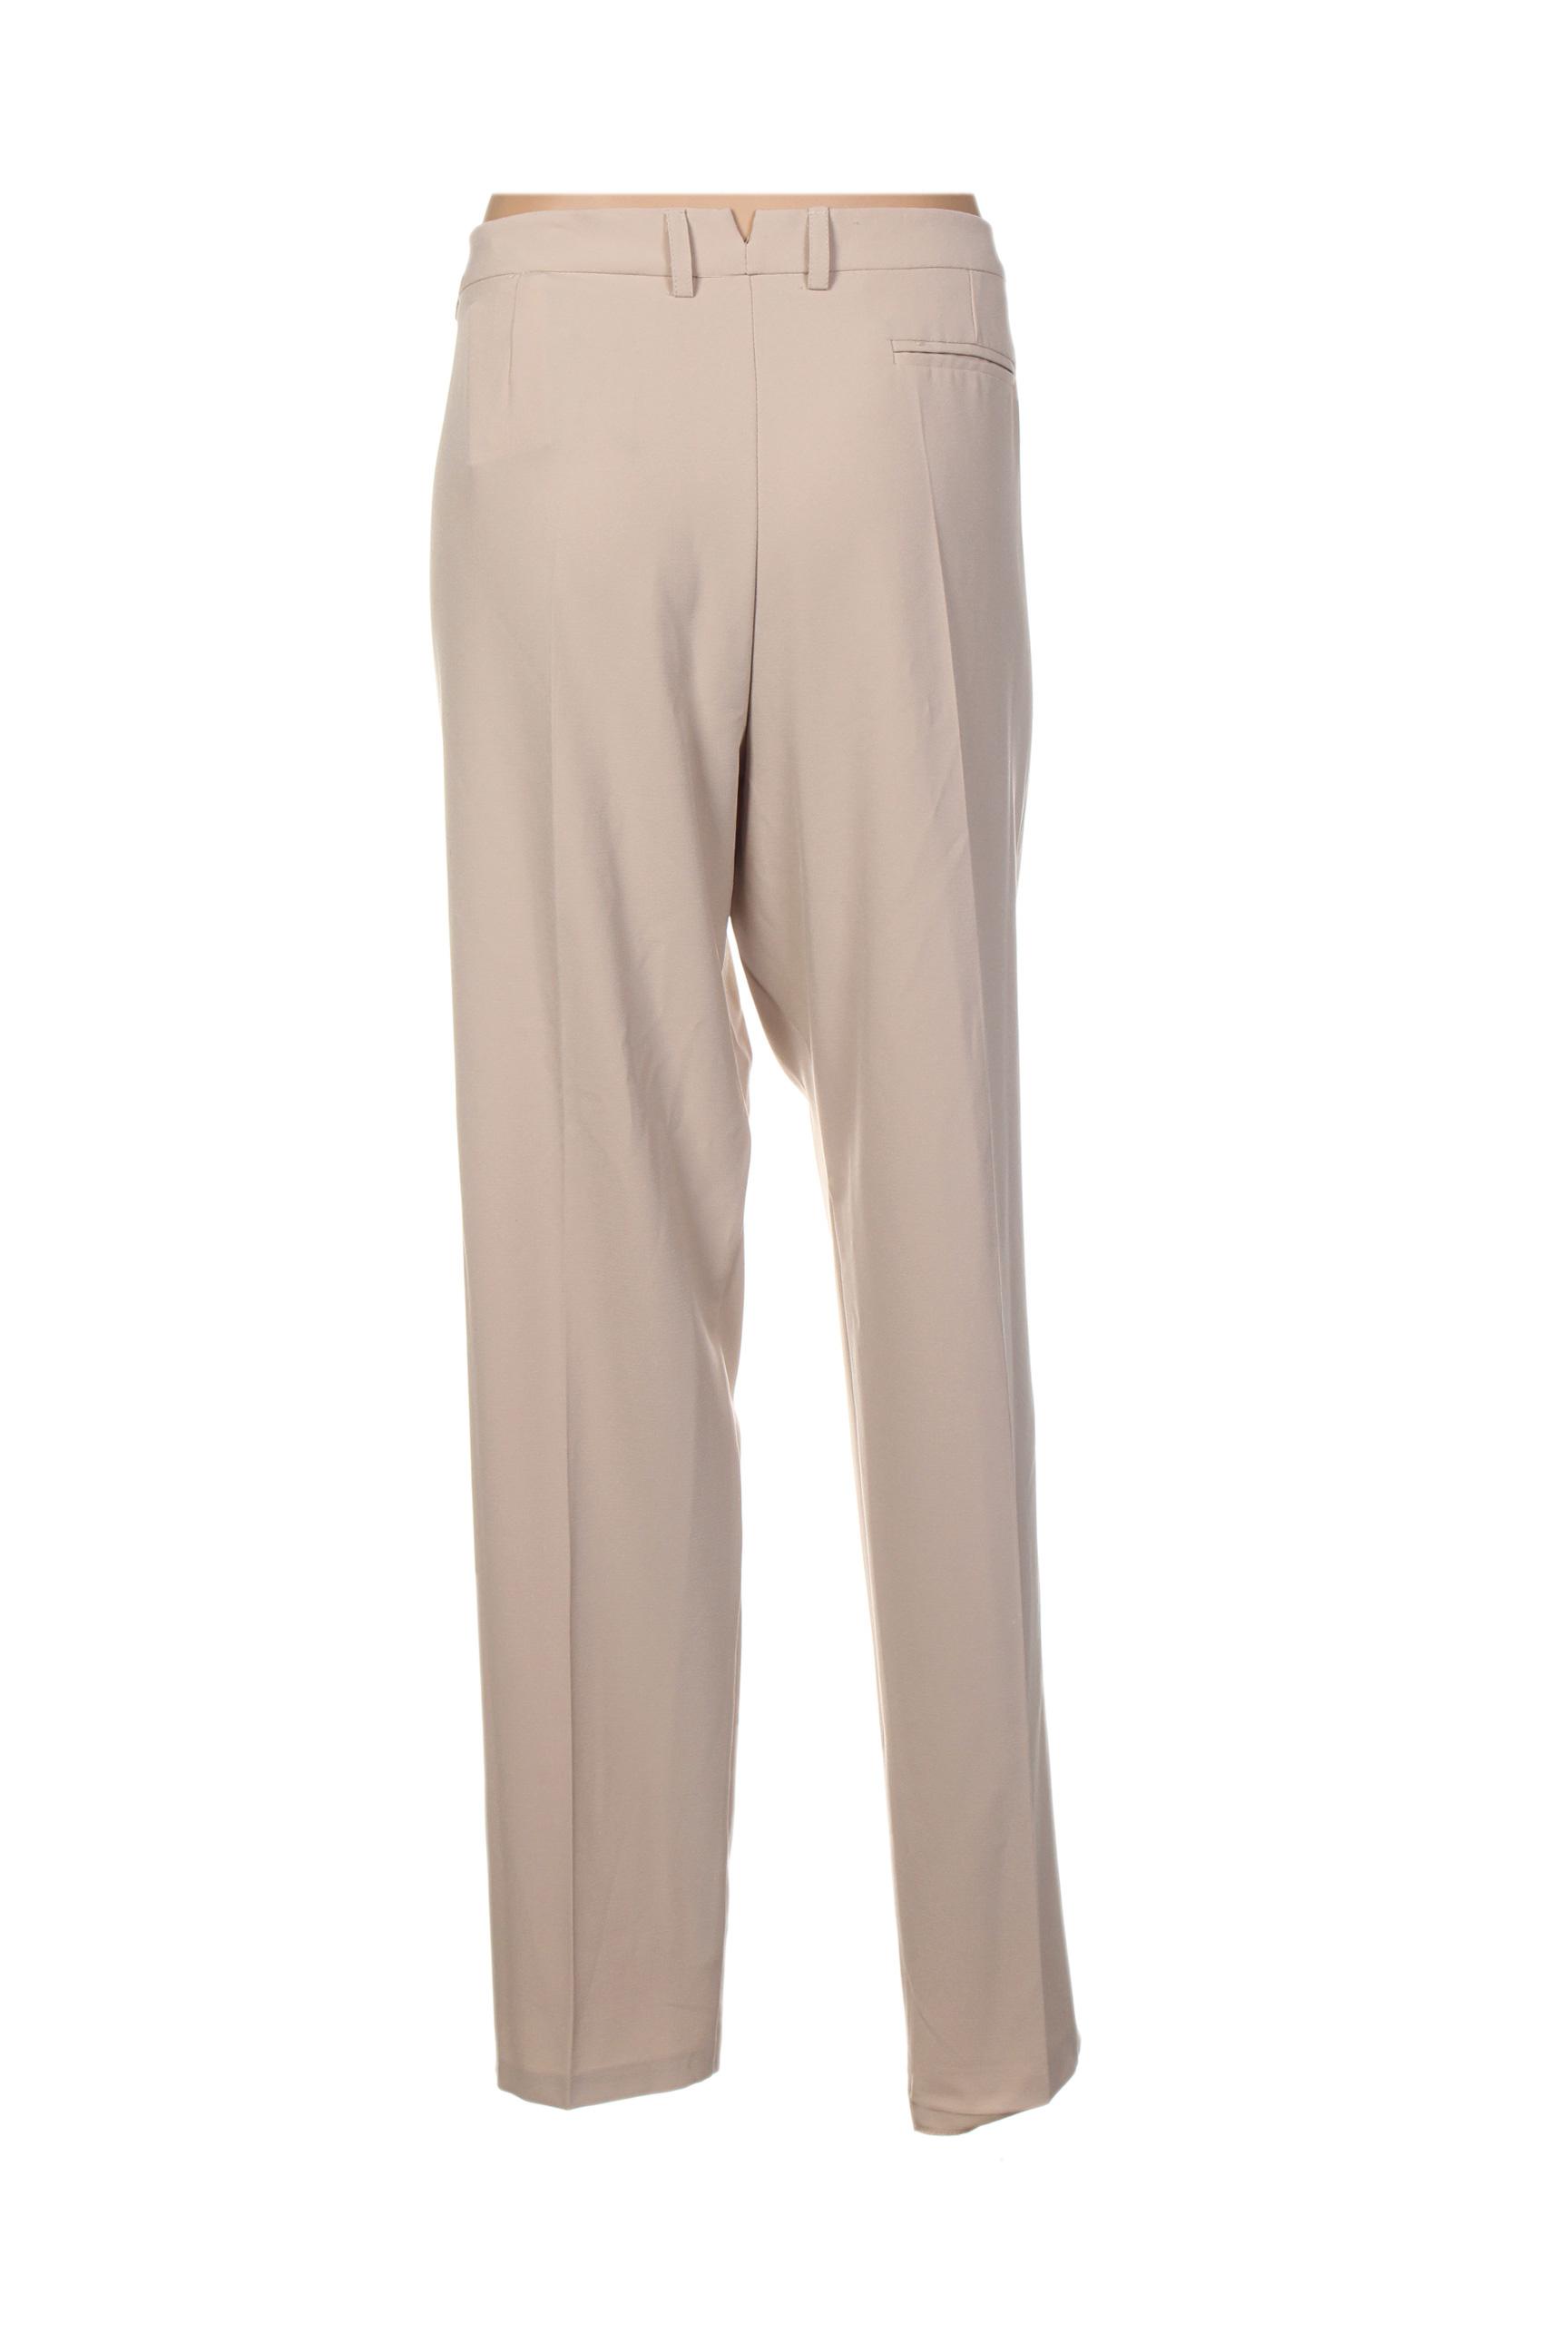 Diambre Pantalons Citadins Femme De Couleur Beige En Soldes Pas Cher 1362834-beige0